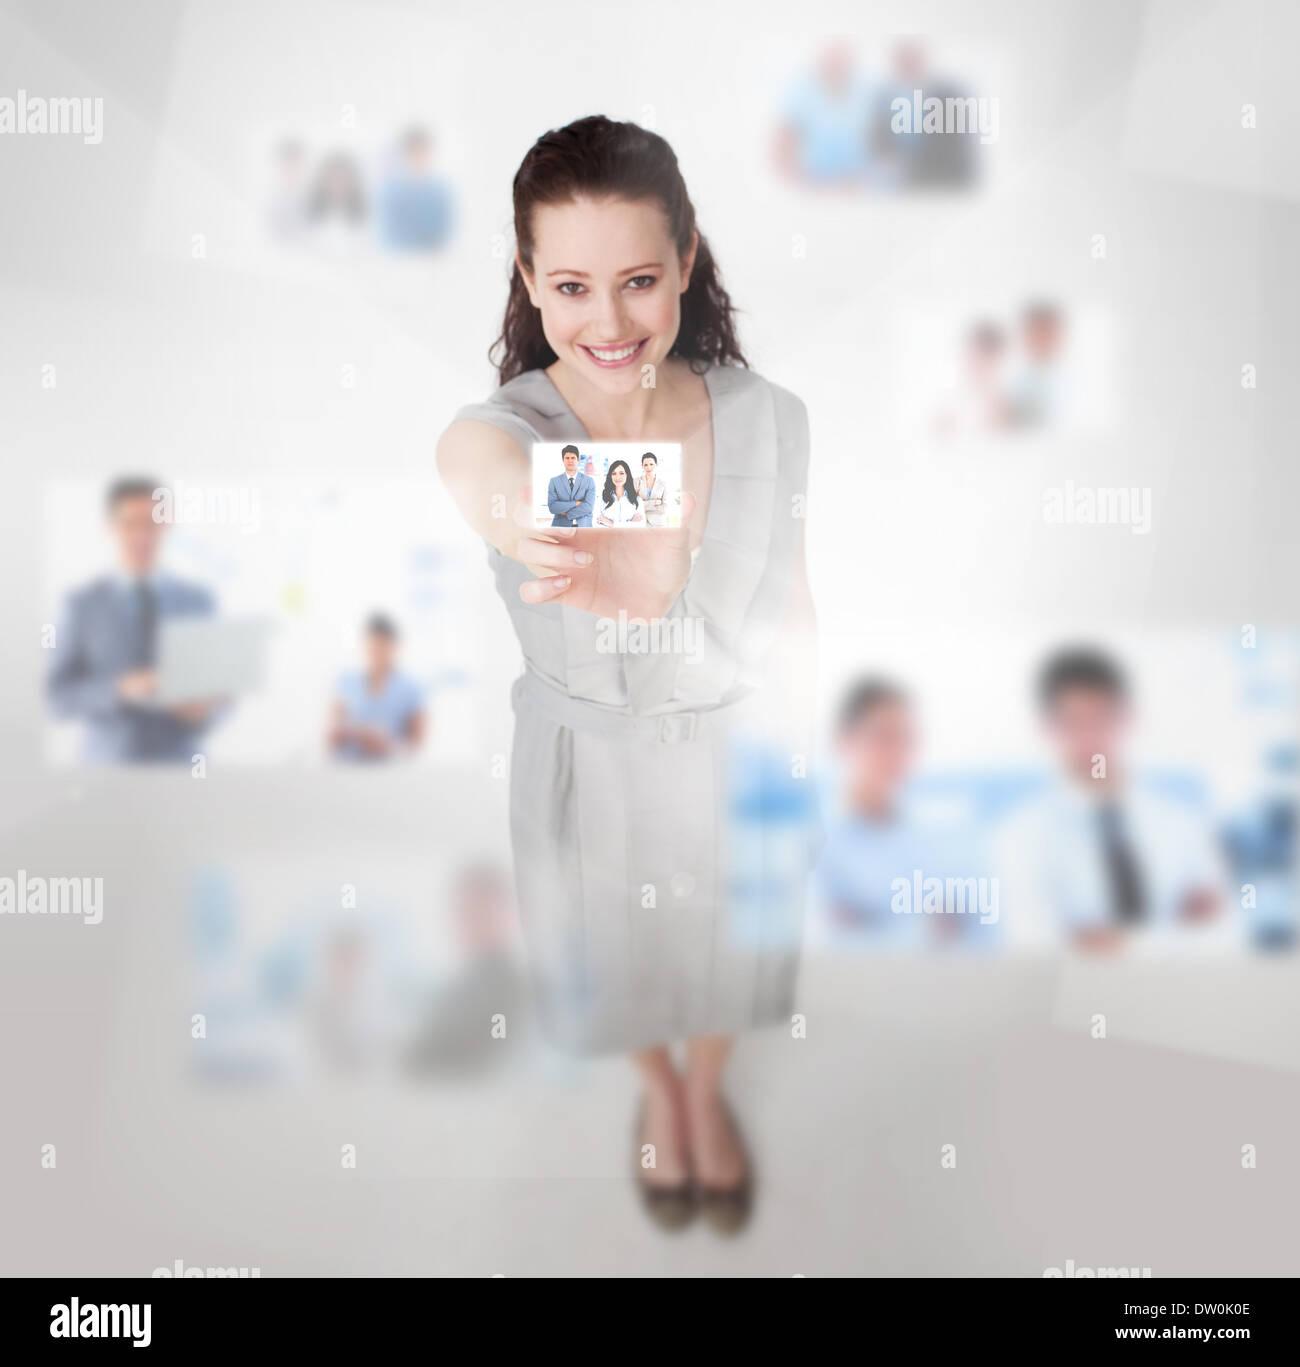 Lächelnde attraktive Frau Fang ein Bild Stockfoto